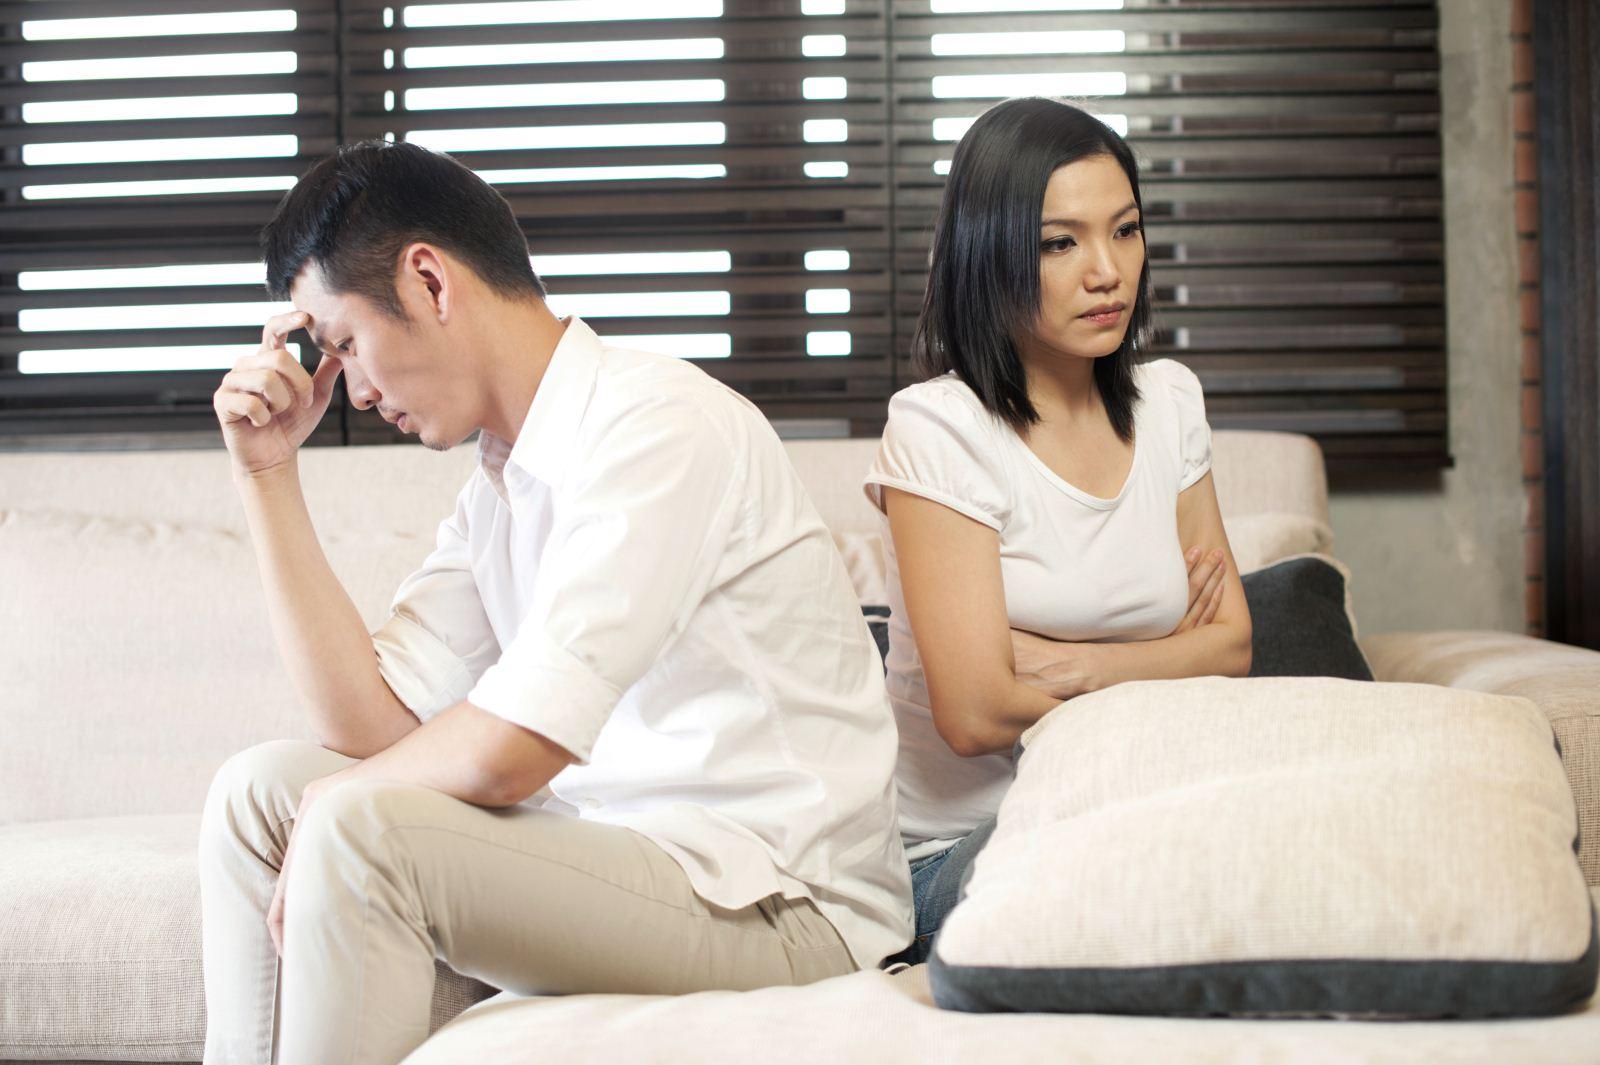 Khi chán vợ, đàn ông thường muốn tìm đến những thú vui bên ngoài nhiều hơn